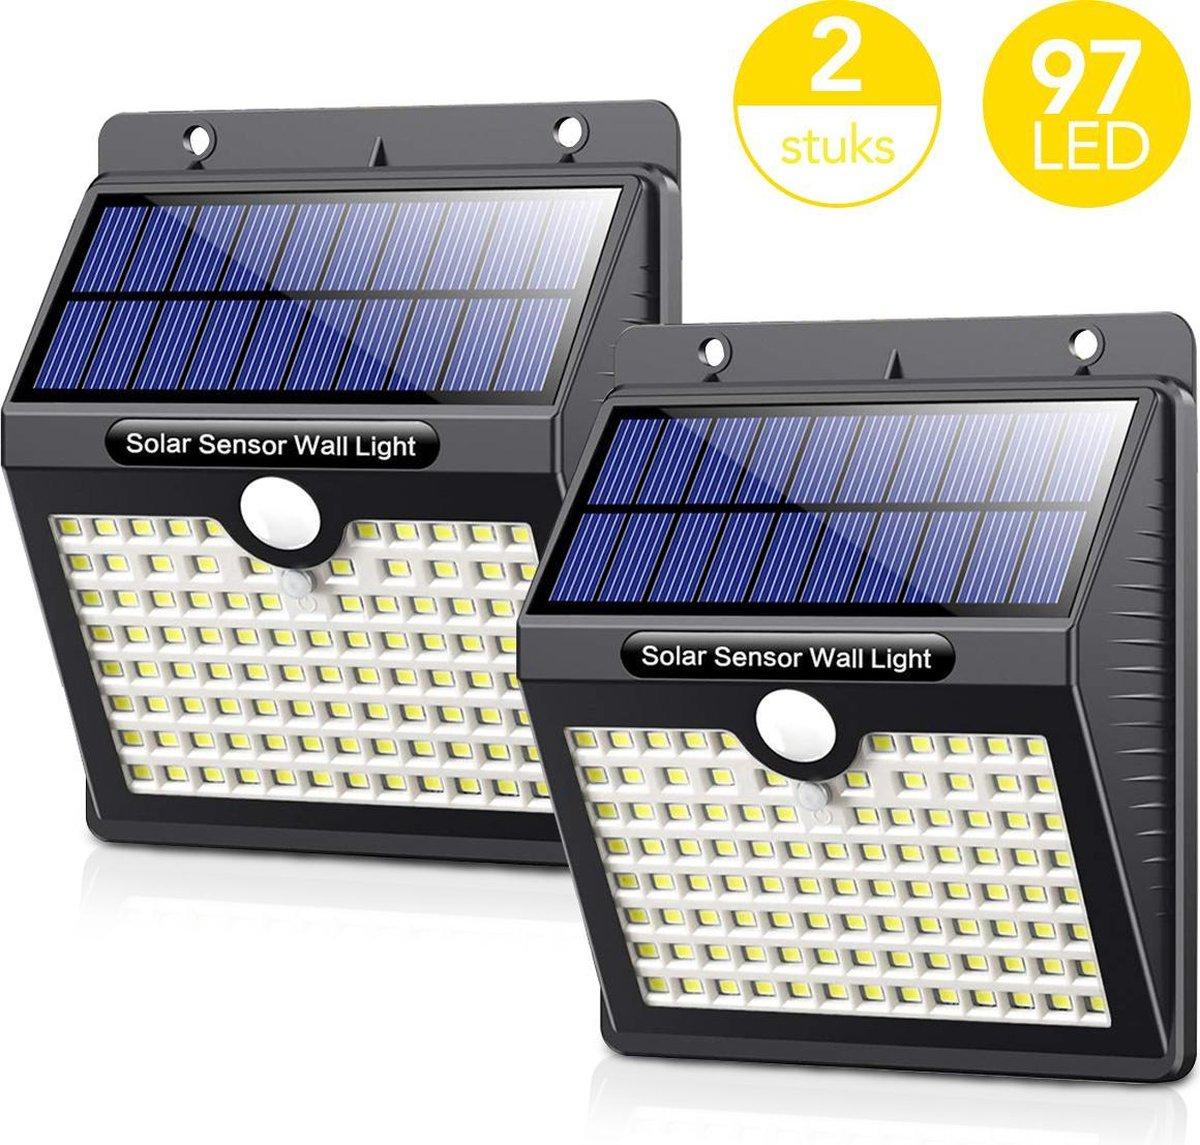 LifeGoods Solar Buitenlamp met Bewegingssensor - 97 LEDs - Wit Licht -Tuinverlichting op Zonneenergi